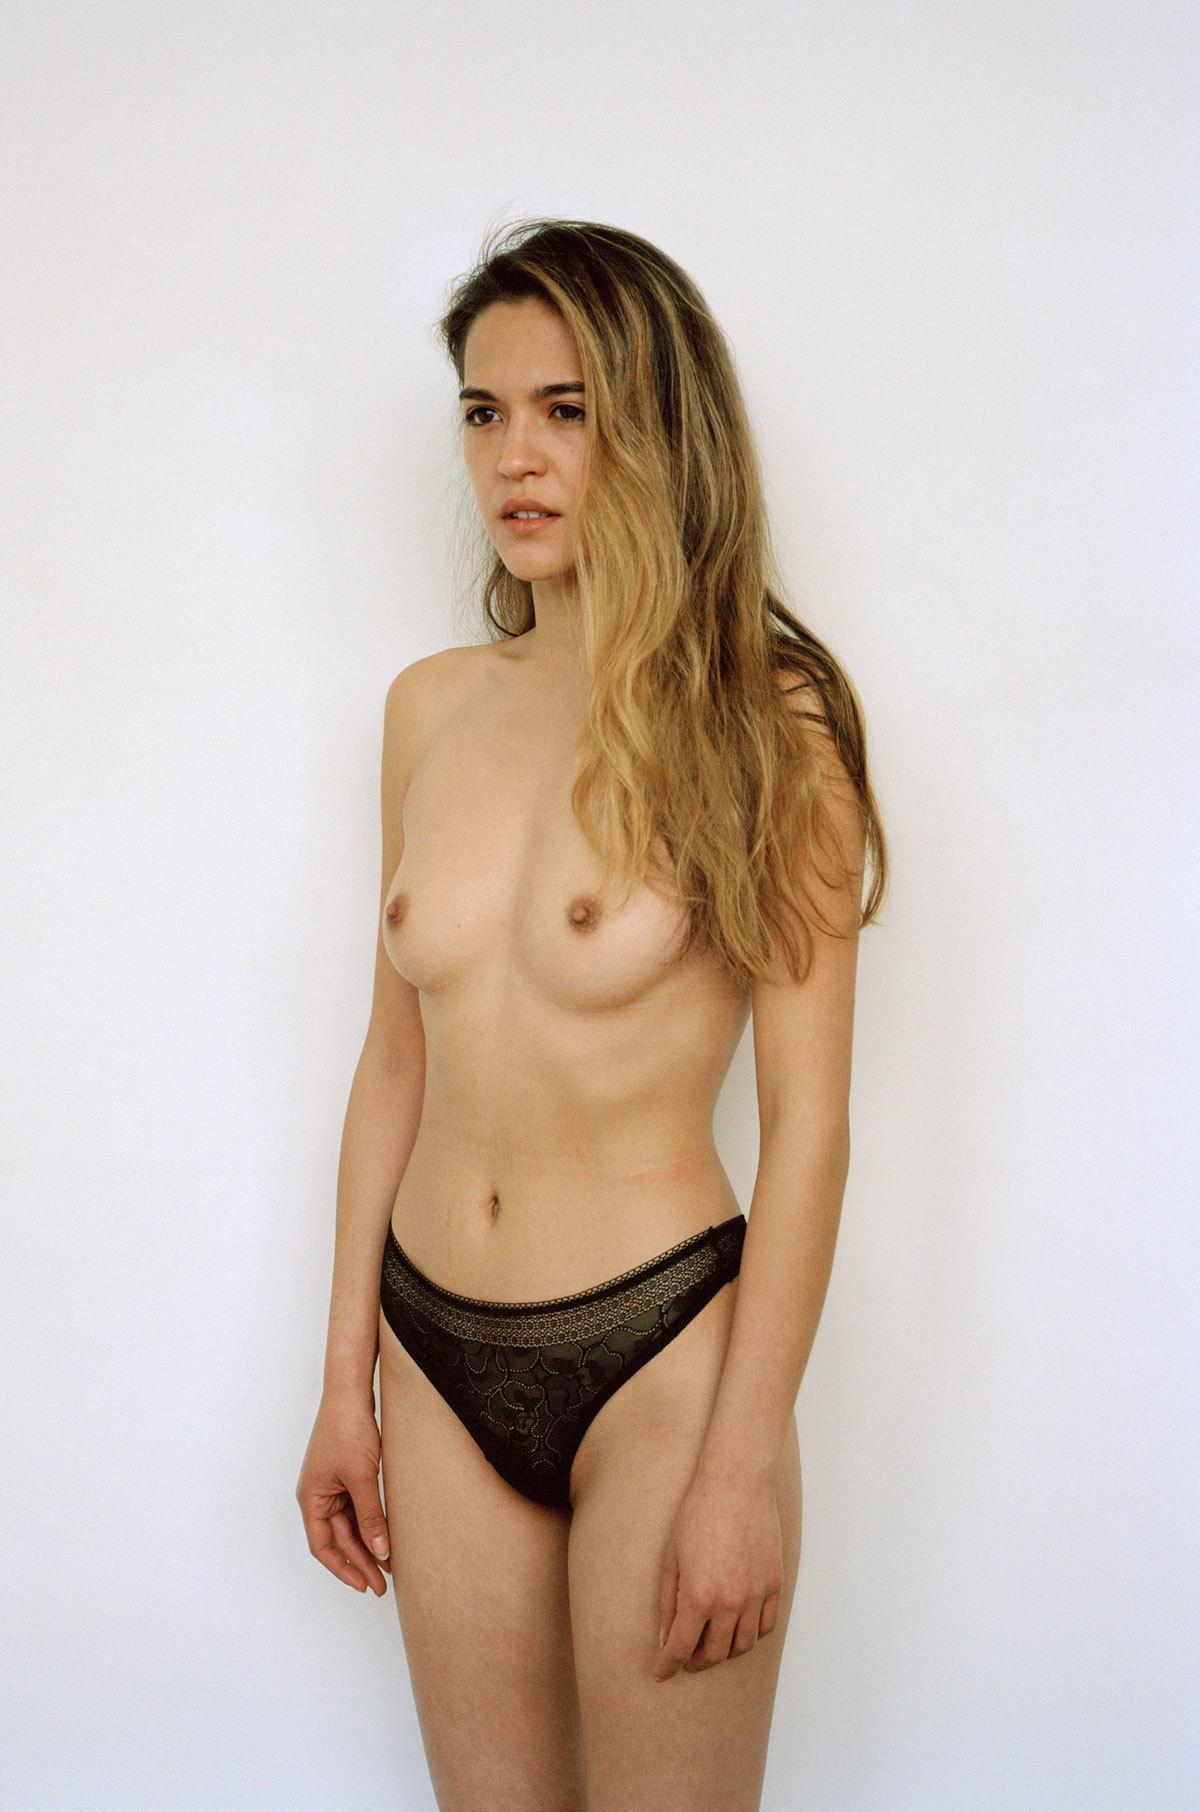 porn in nl callgirl worden